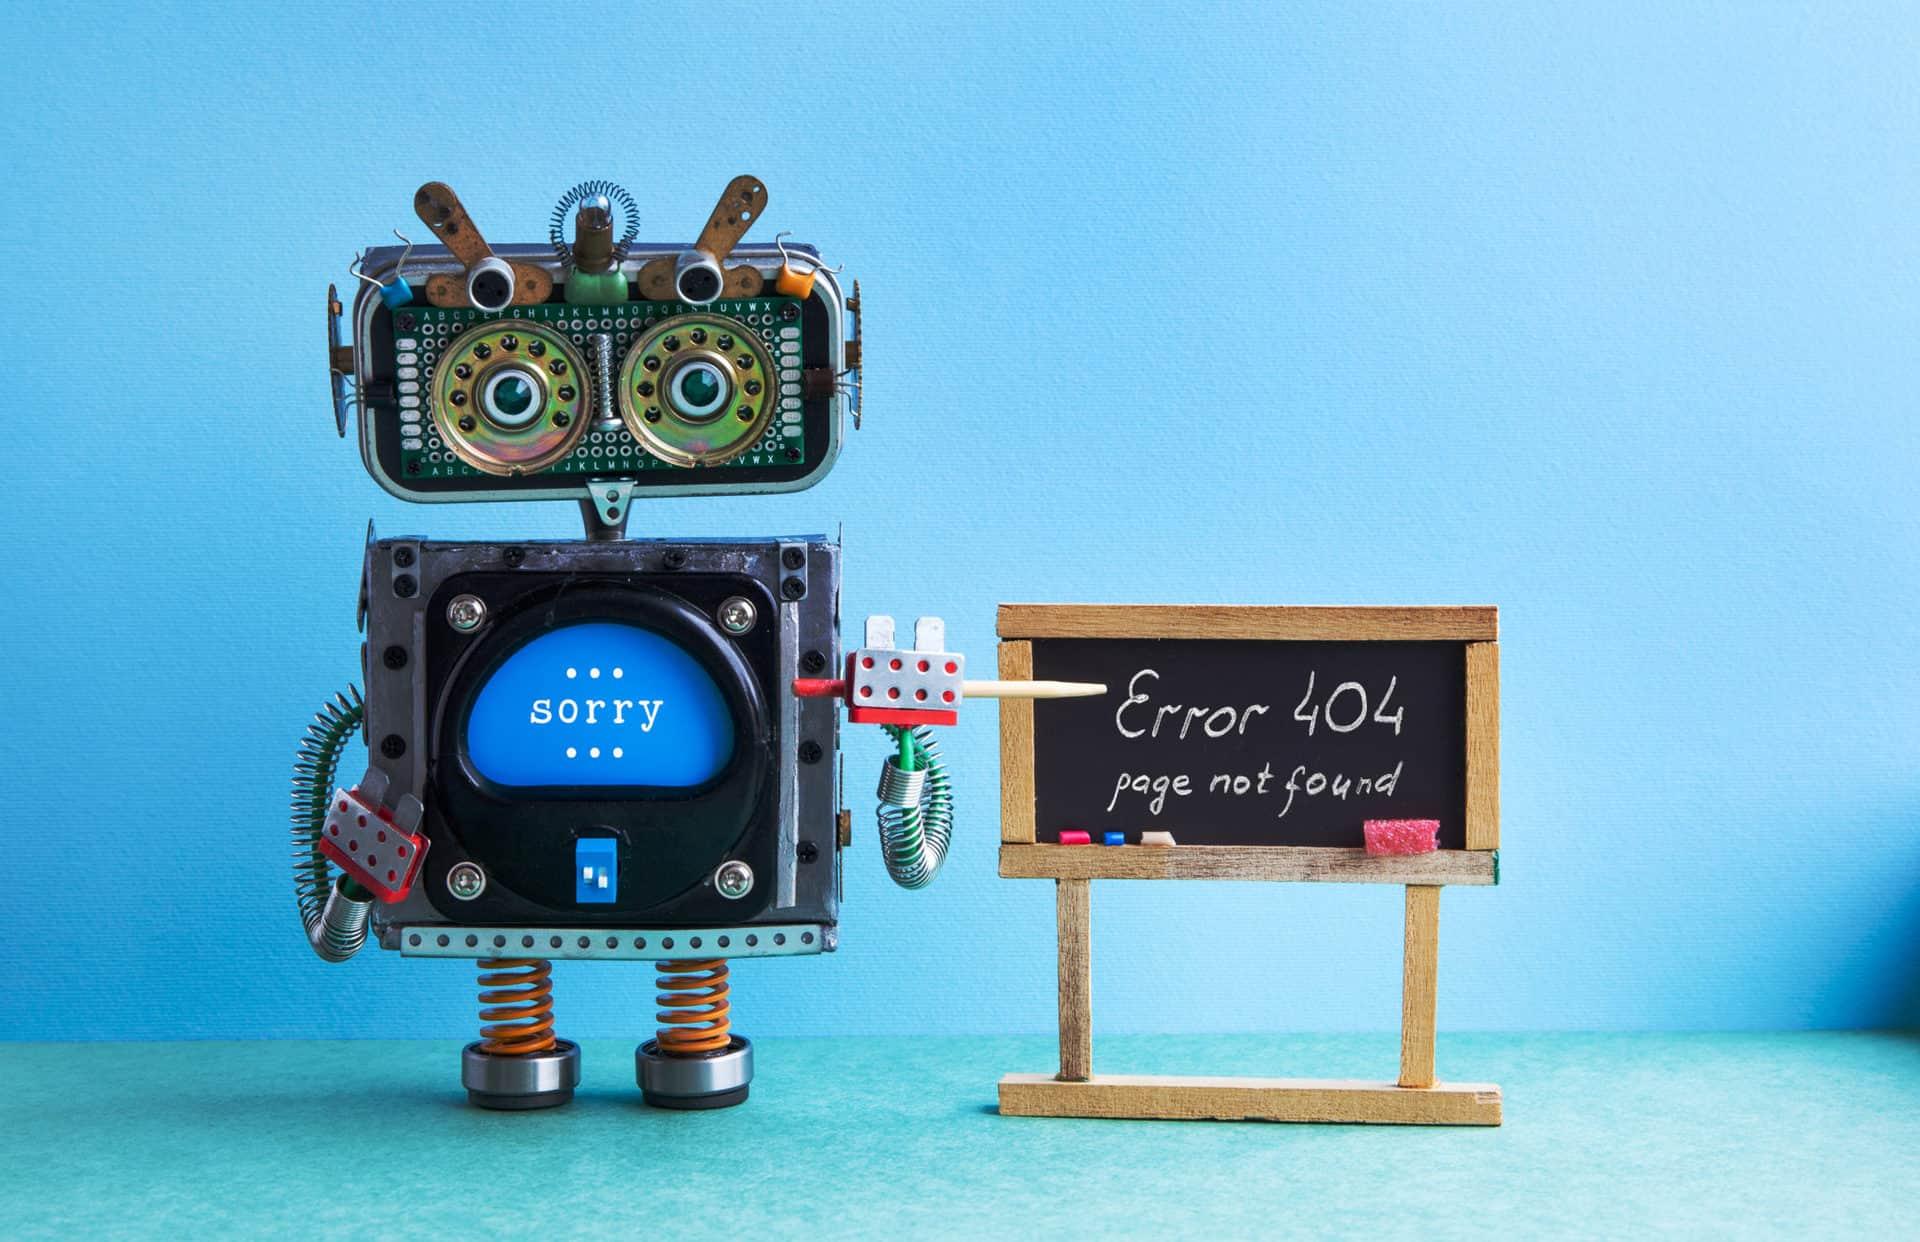 404 error page not found. Robot teacher with pointer, black chalkboard handwritten error message. Green blue background classroom interior.